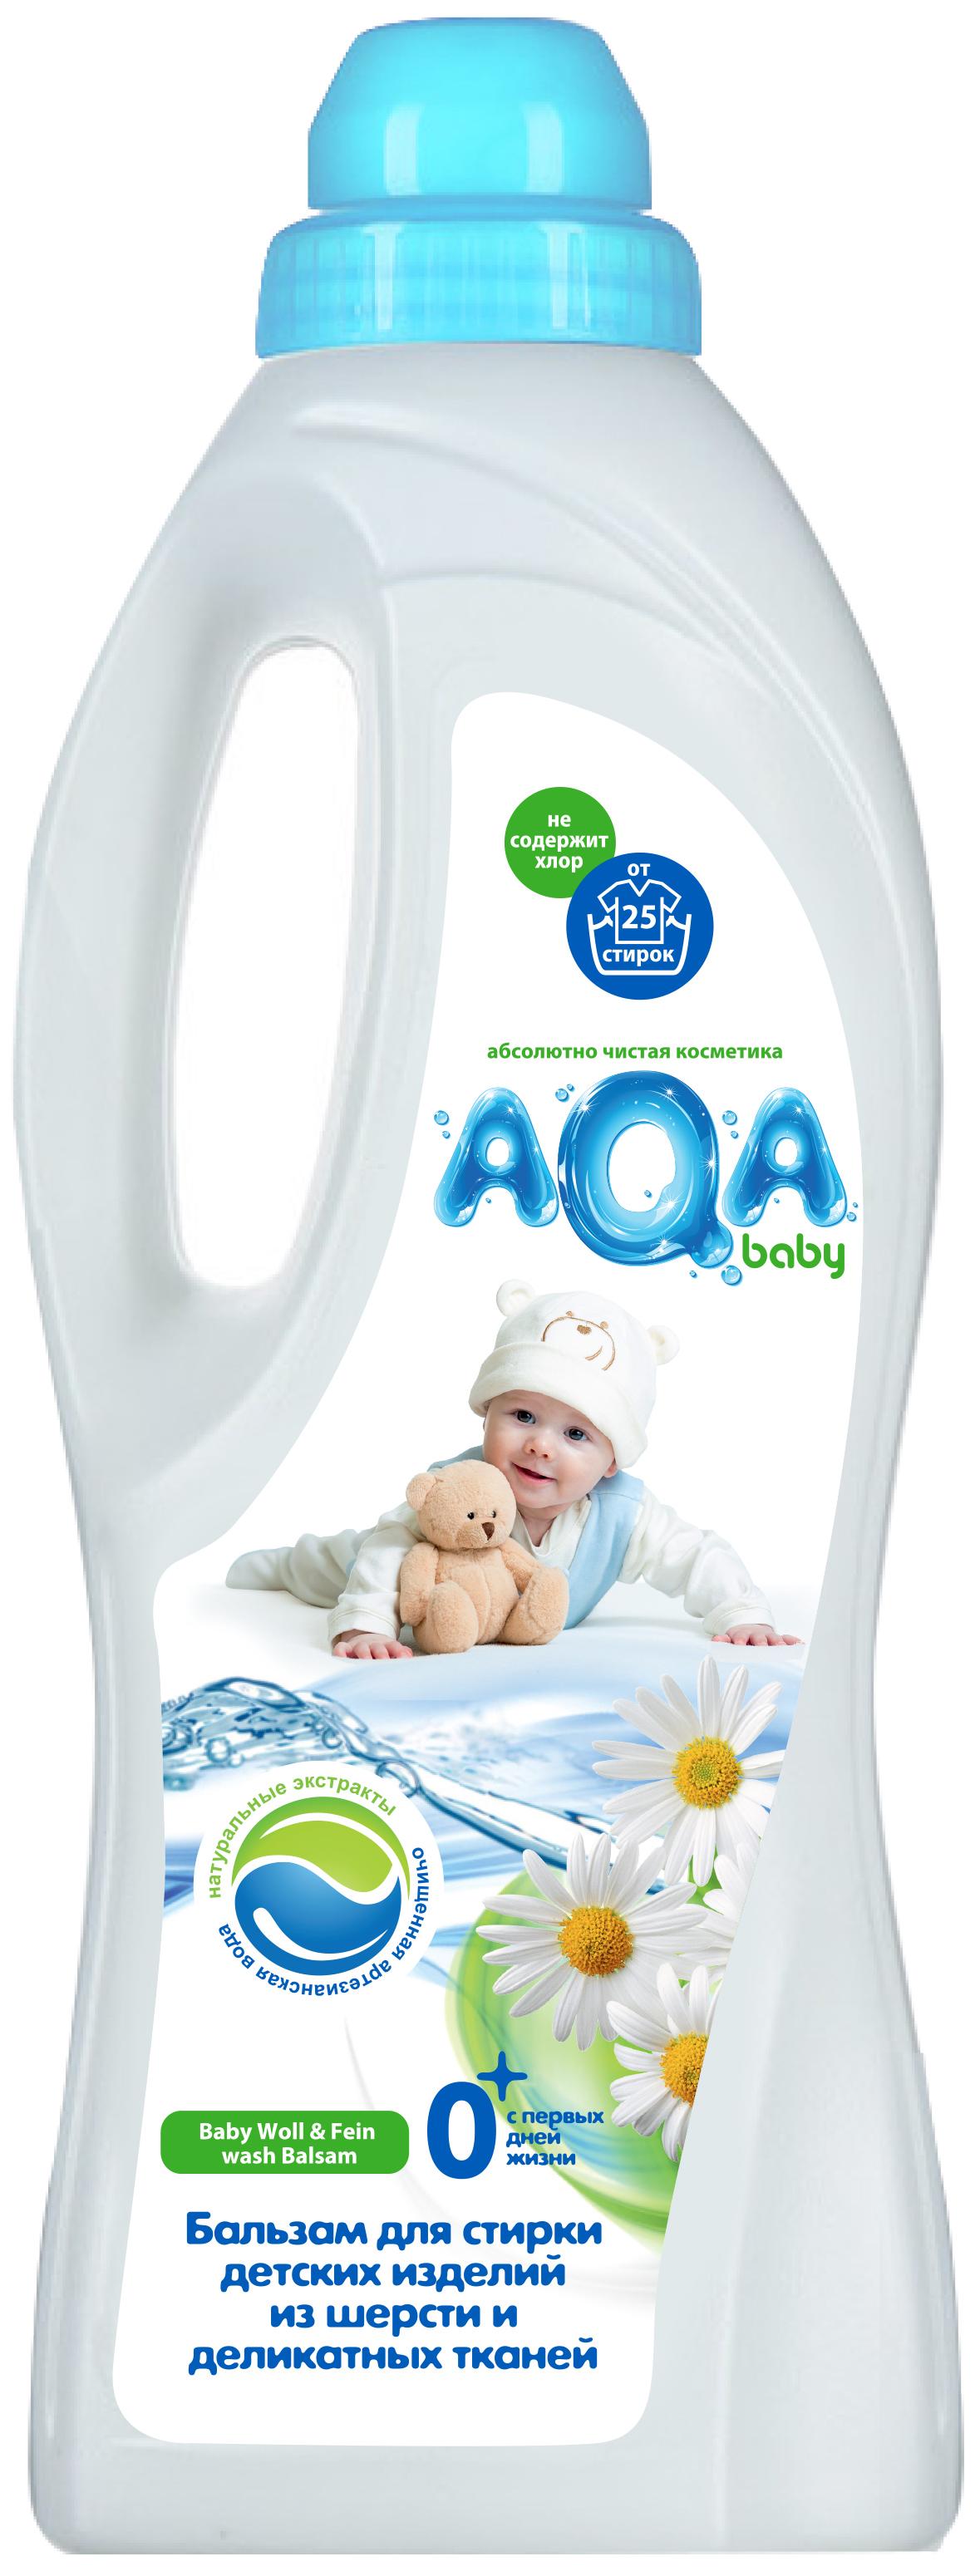 Бальзам для стирки шерсти и деликатных тканей AQA baby 1 л бальзам для стирки цветной одежды без фосфатов концентрат feedback 3 л